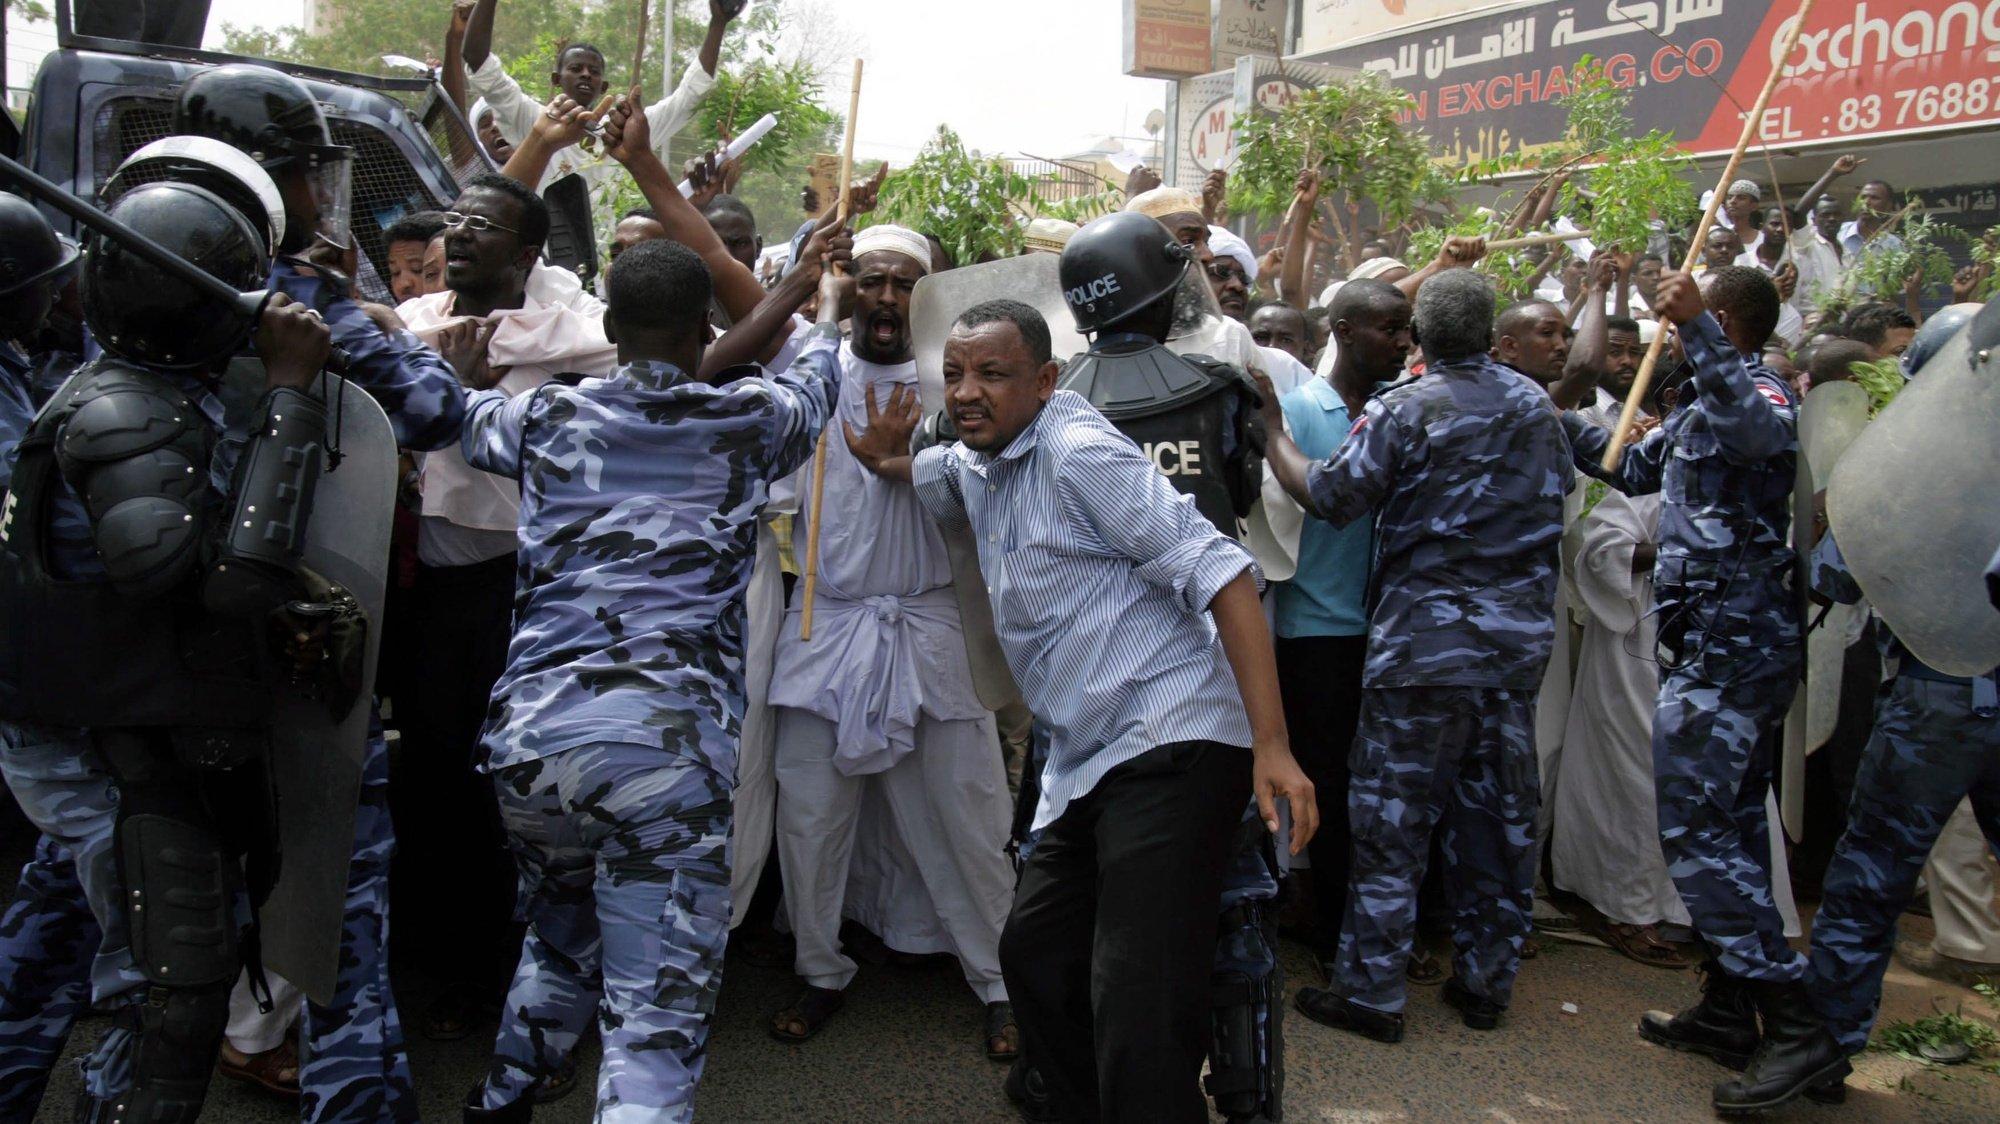 Soldados sudaneses tentam prevenir protestantes de invader a embaixada alemã, devido a um filme considerado anti-islão.